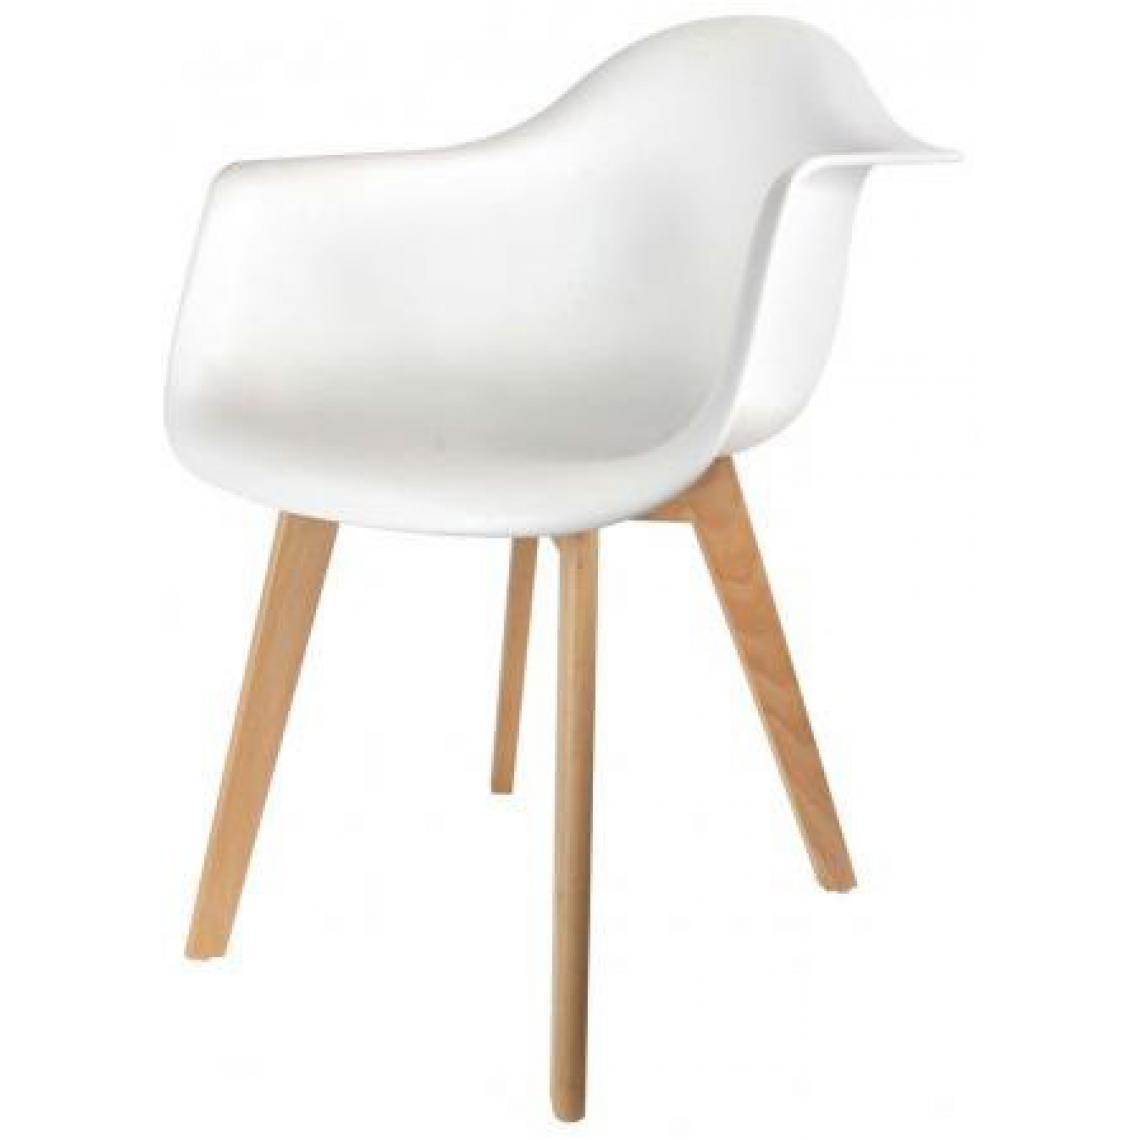 Chaise scandinave avec accoudoir blanc ORKNEY  7 SUISSES